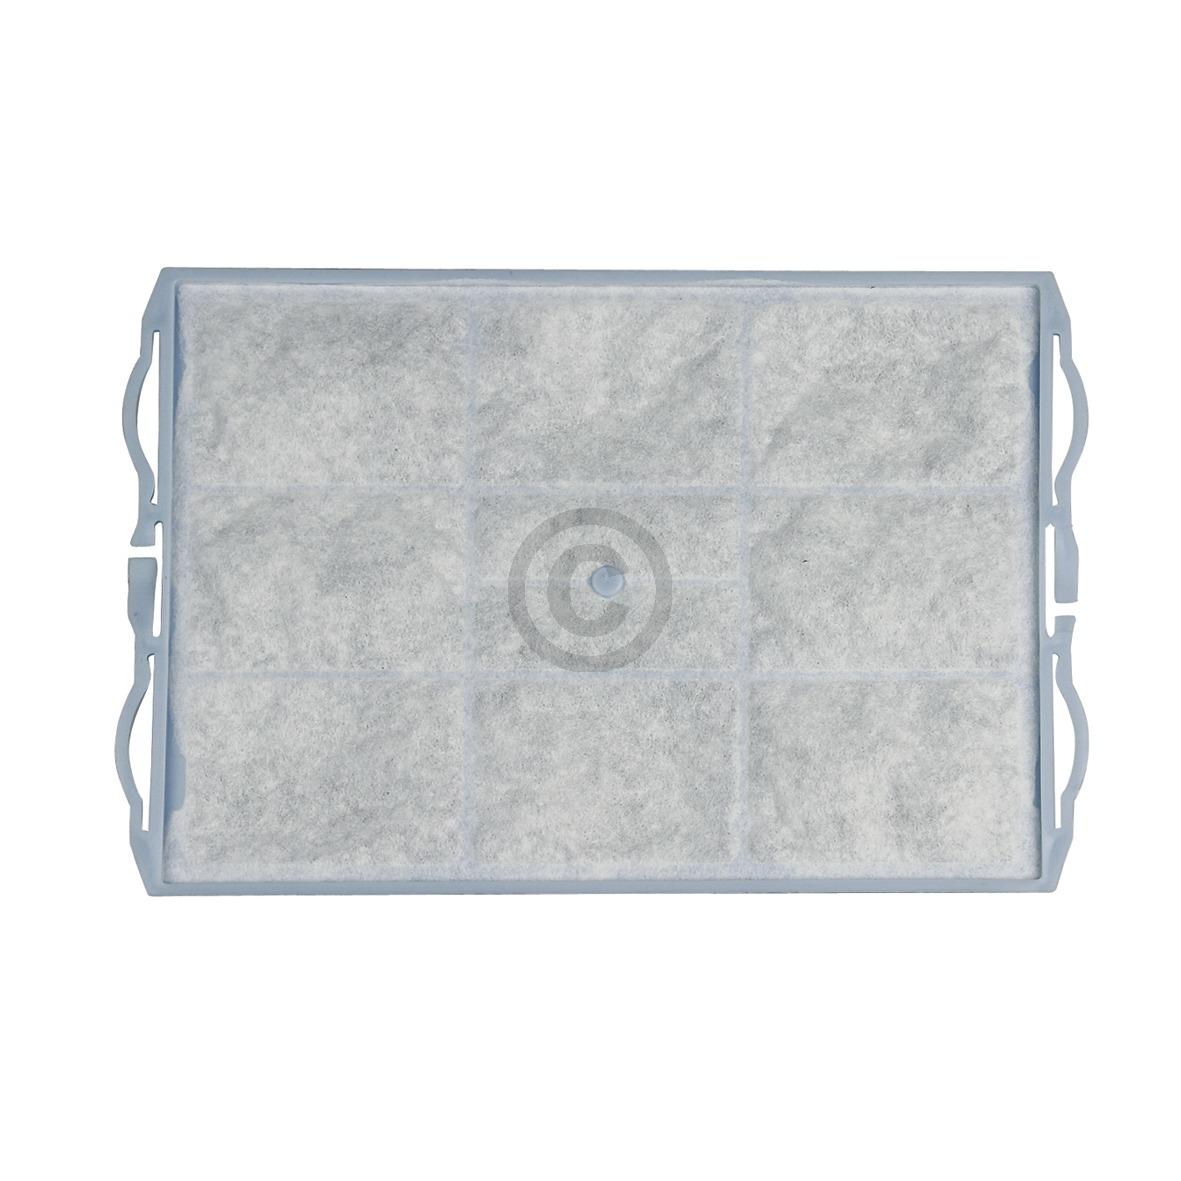 Filter Motorschutzfilter, AT! 00578863 578863 Bosch, Siemens, Neff, Siemens